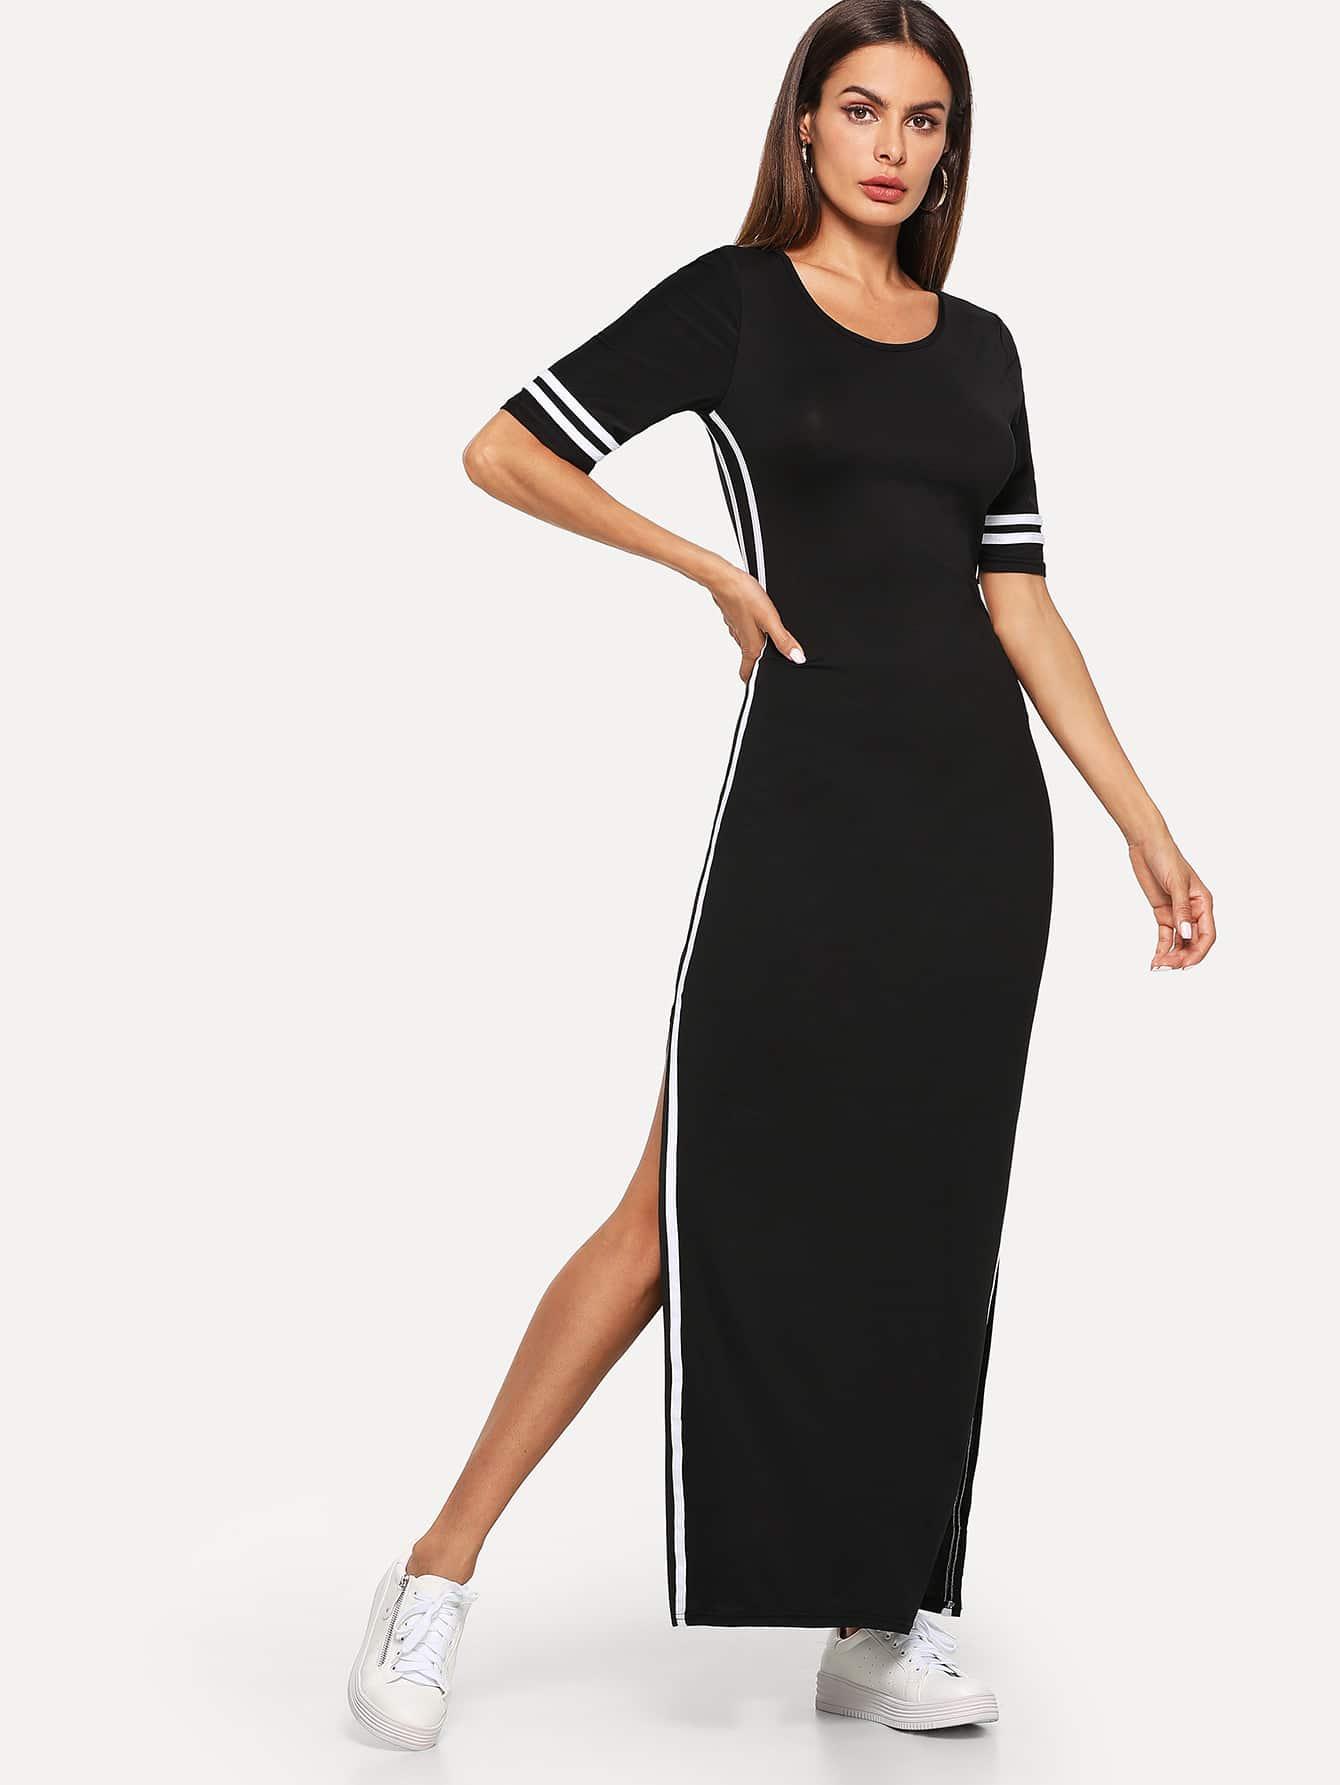 Купить Элегантный стиль Полоска Разрез Чёрные Платья, Andy, SheIn